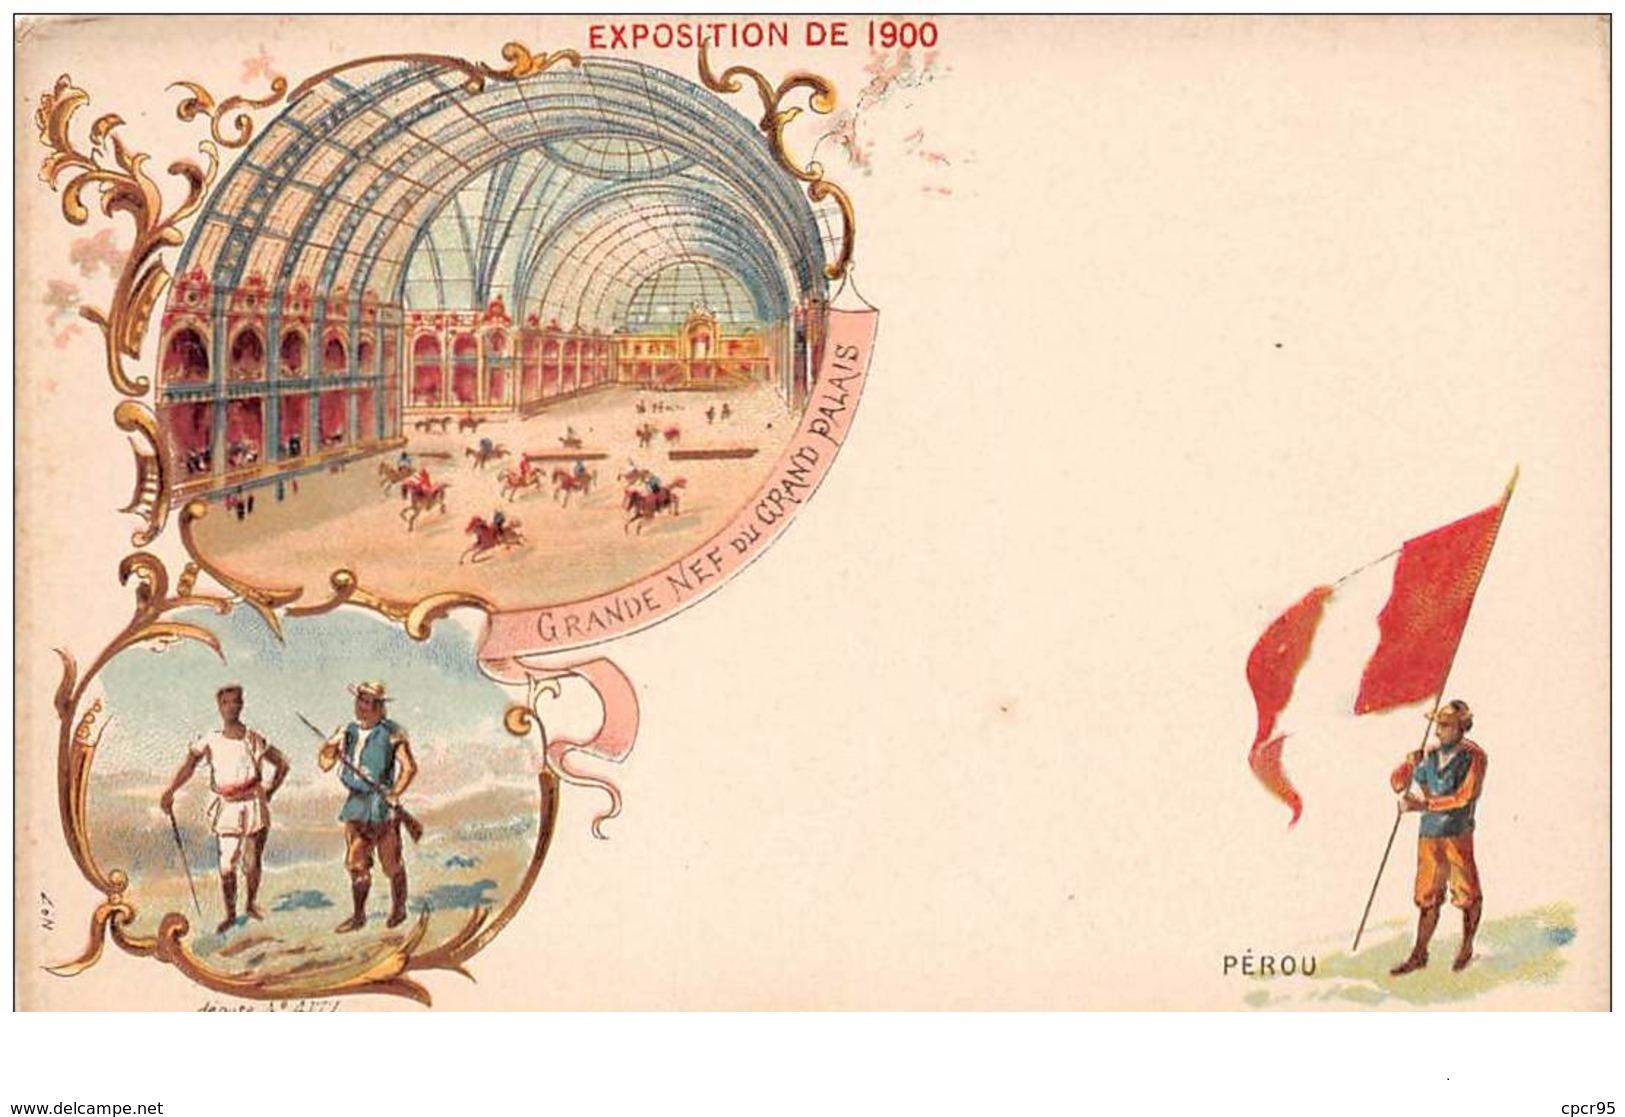 Perou. N° 47724. Exposition De 1900 . Drapeau .  Cp Pub . Illustrateur - Peru